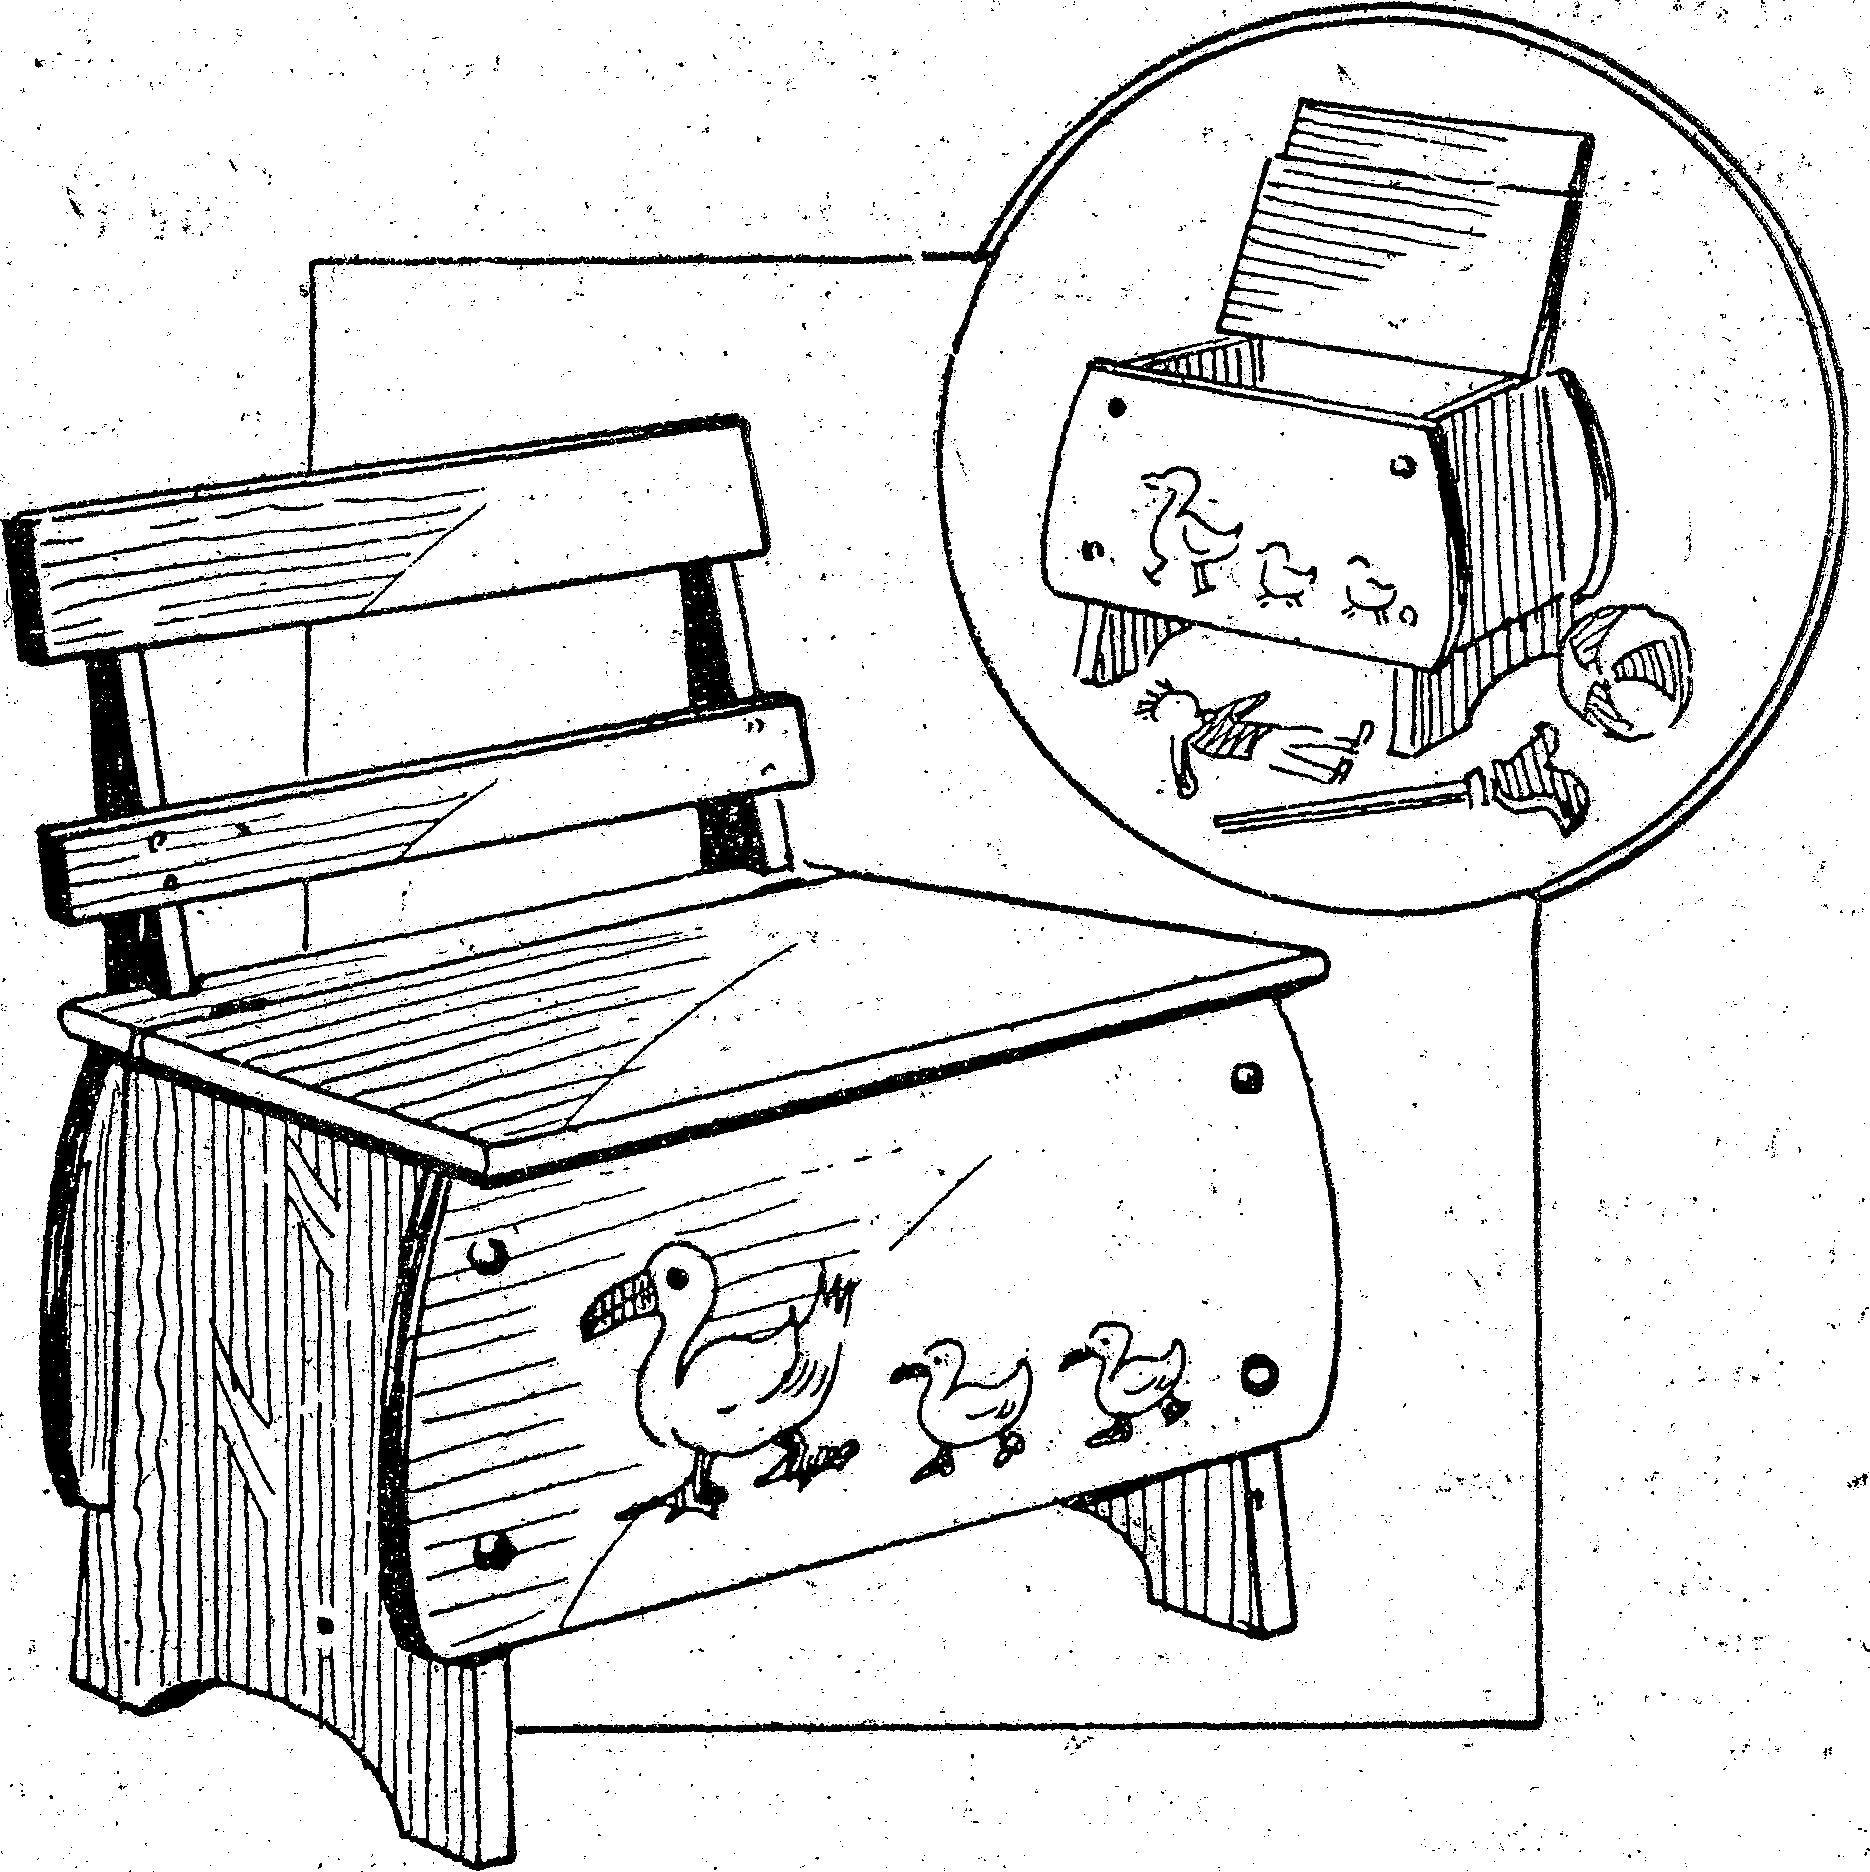 Como hacer un mueble para ni os asiento y cajon como for Manual para hacer muebles